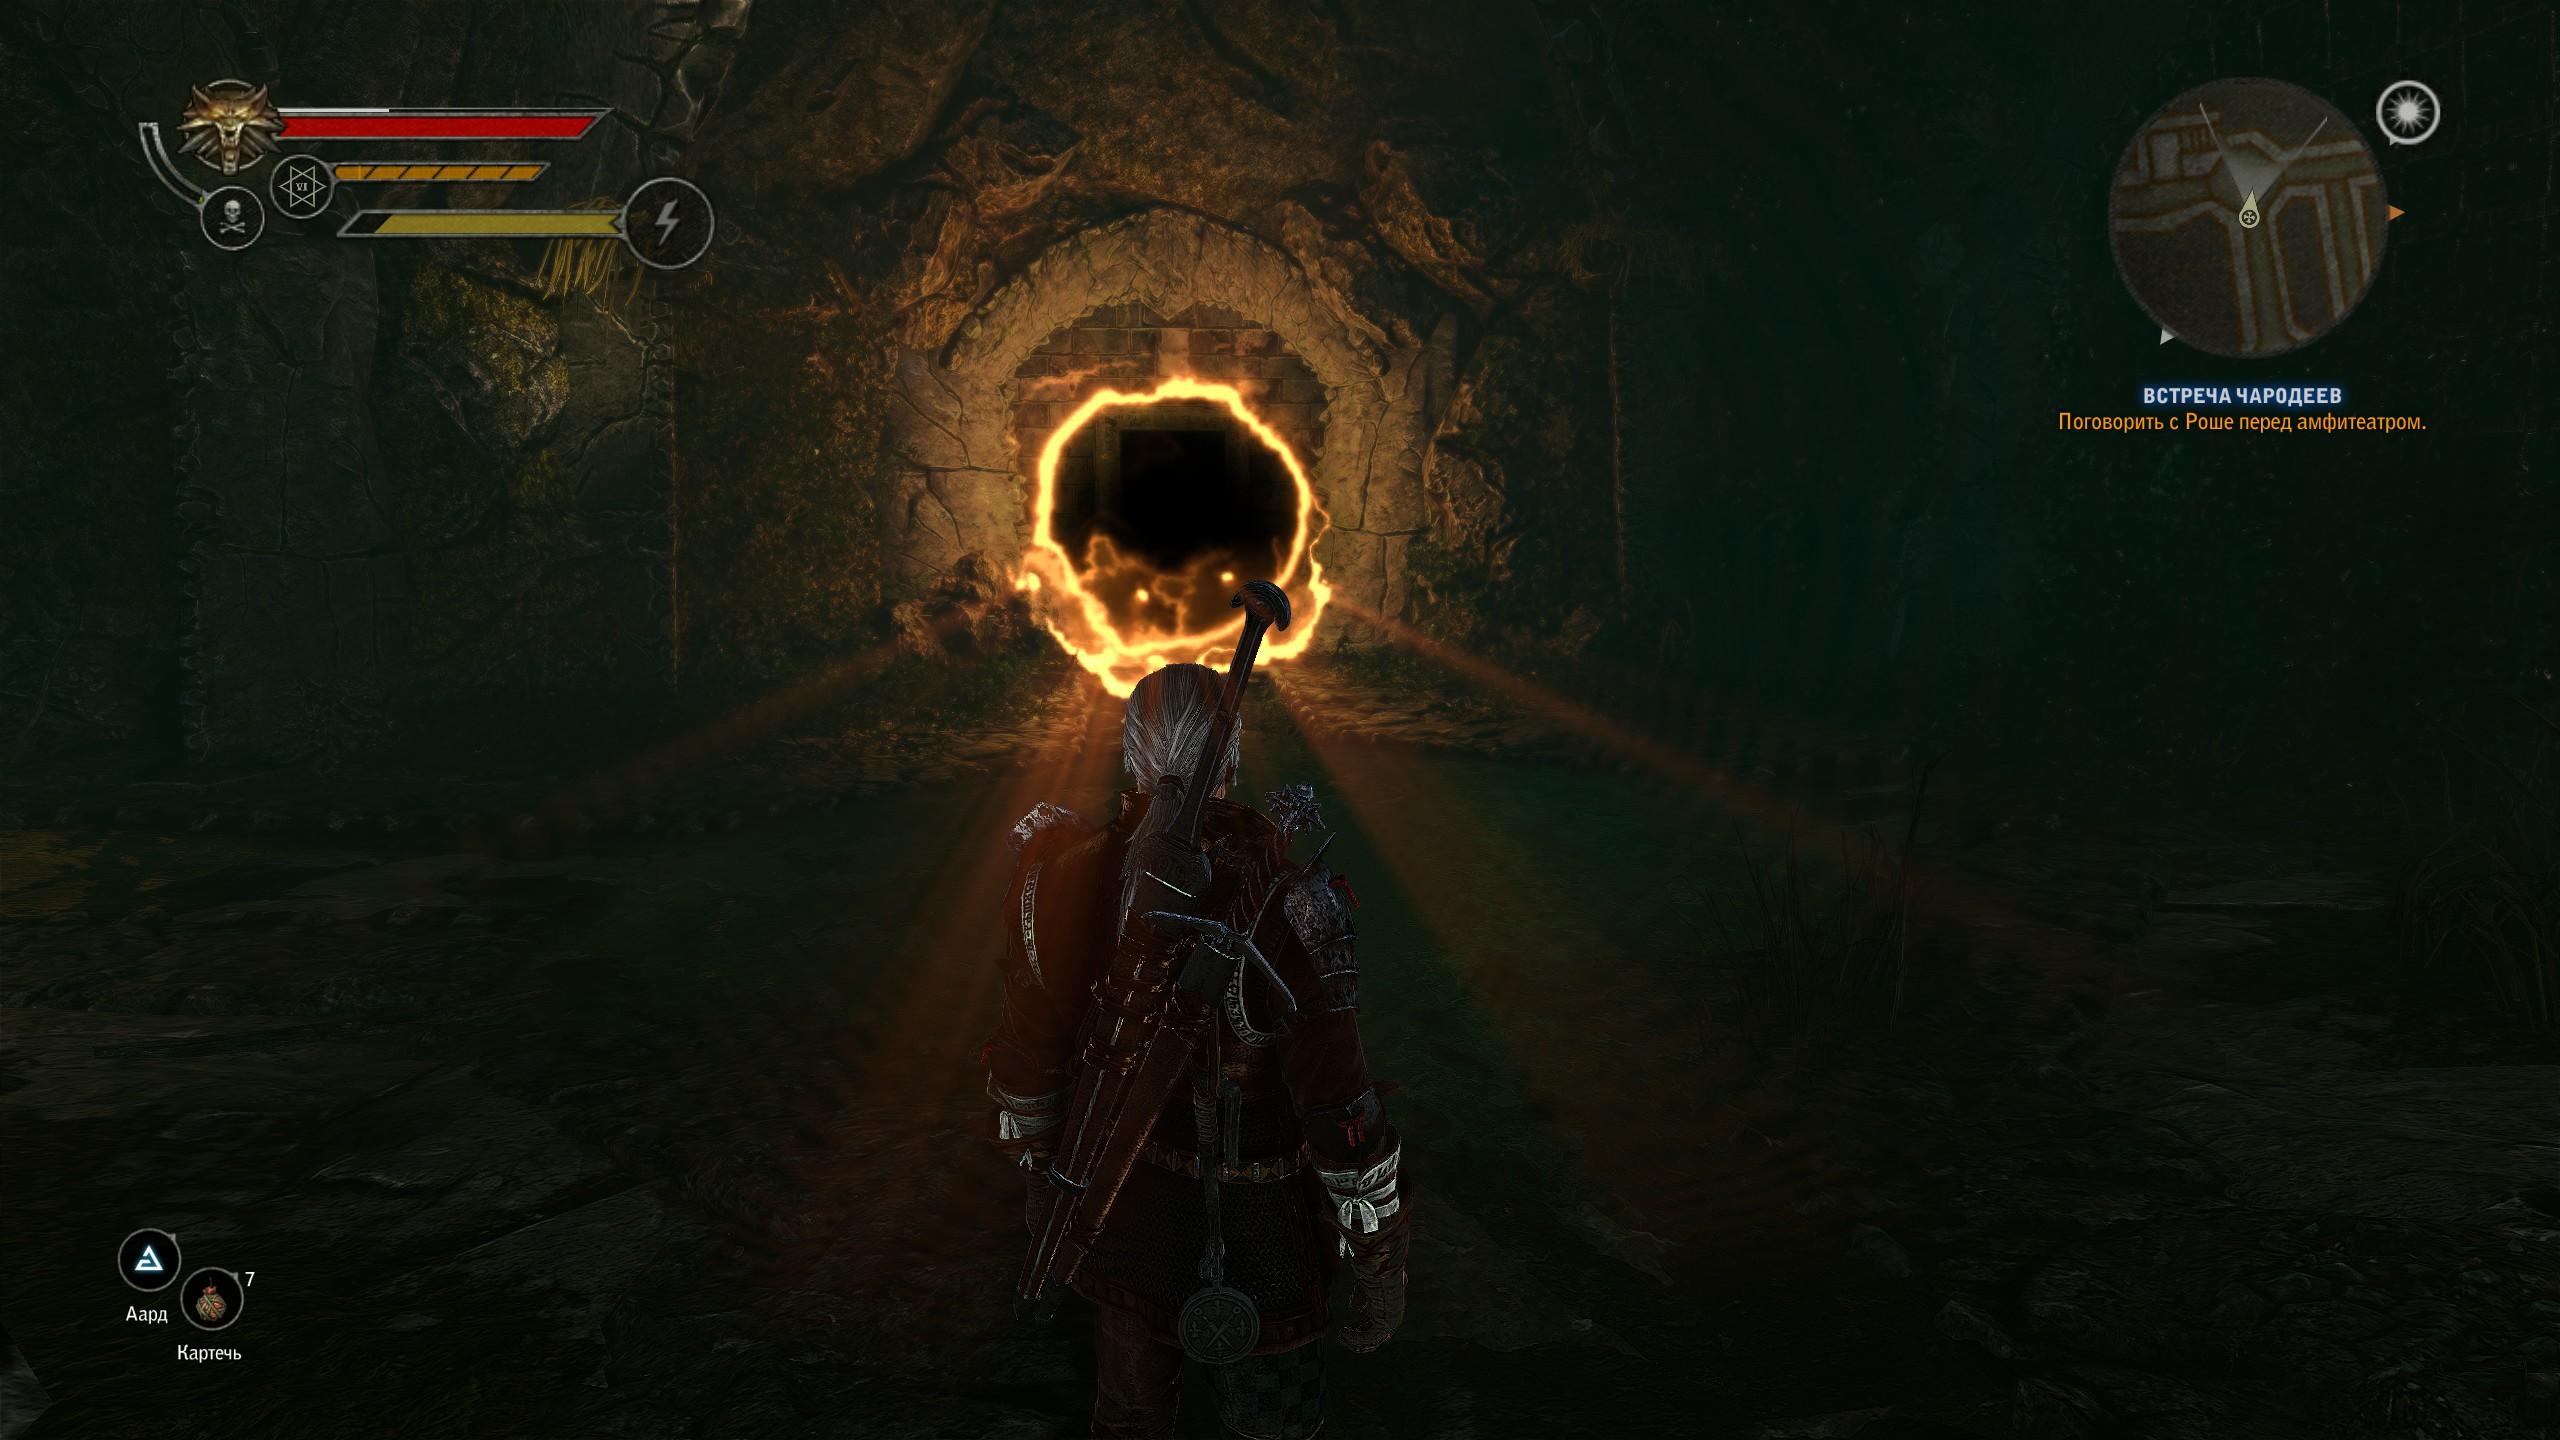 Что мы говорим порталам!? Не сегодня! - Witcher 2: Assassins of Kings, the